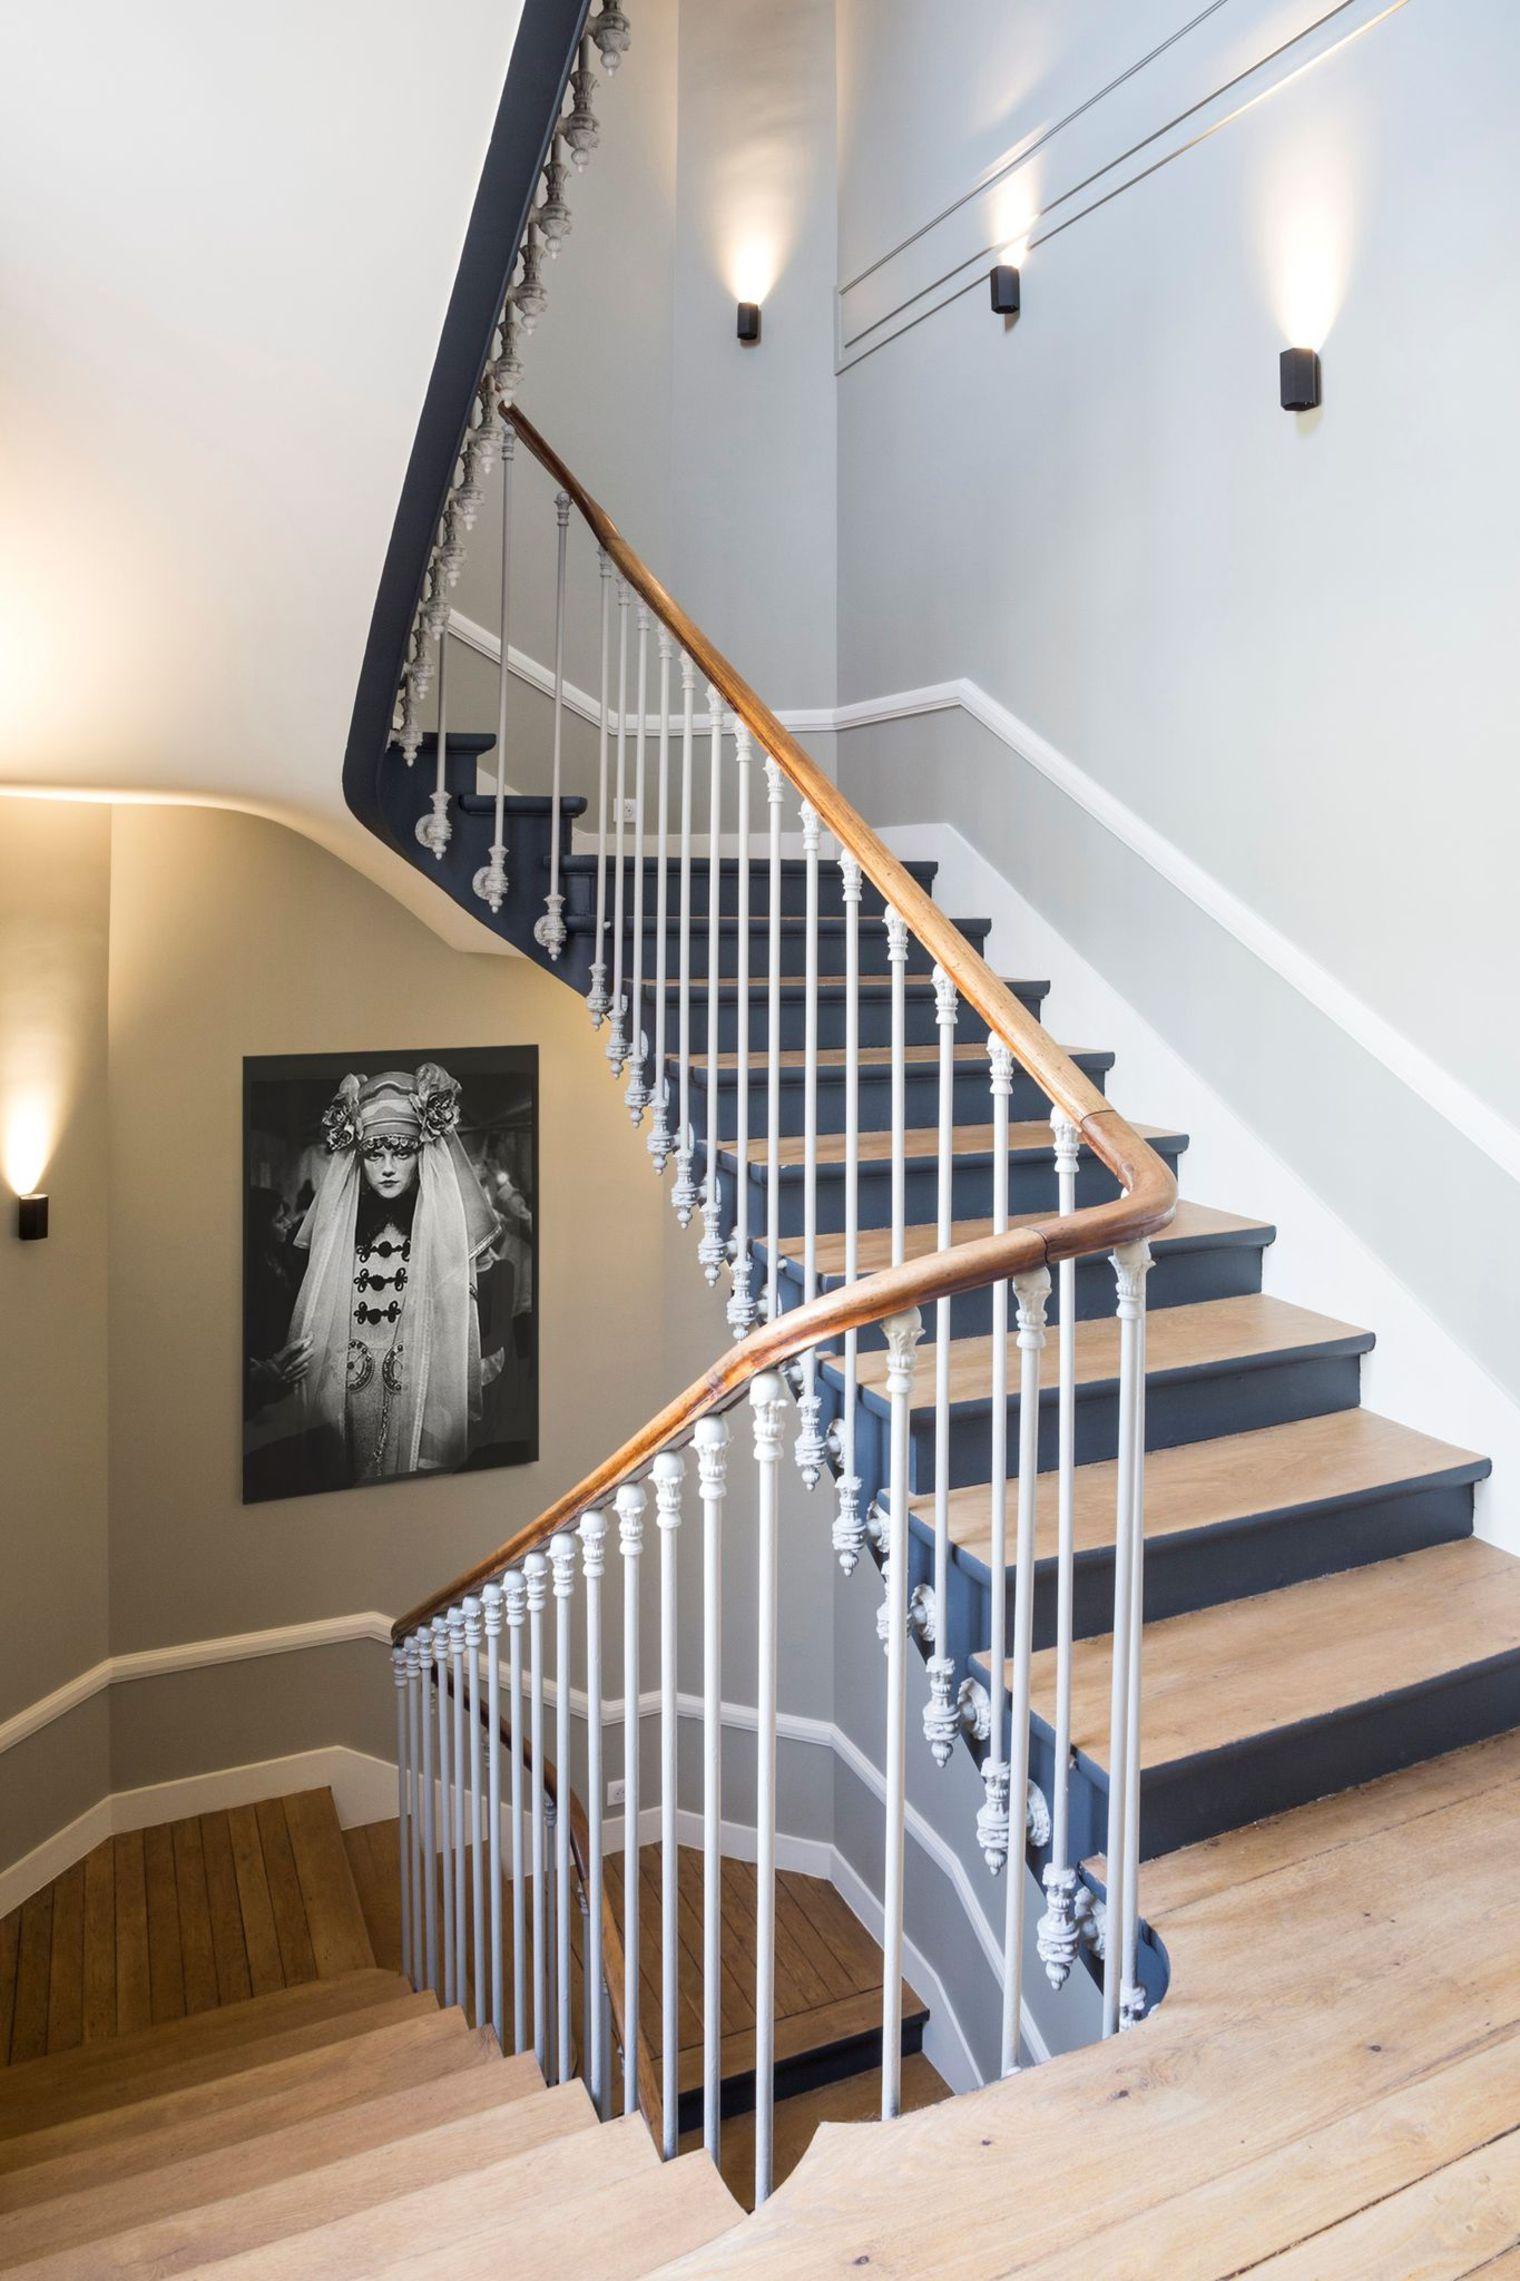 Rénovation escalier bois : avant-après bluffant | Escaliers ...